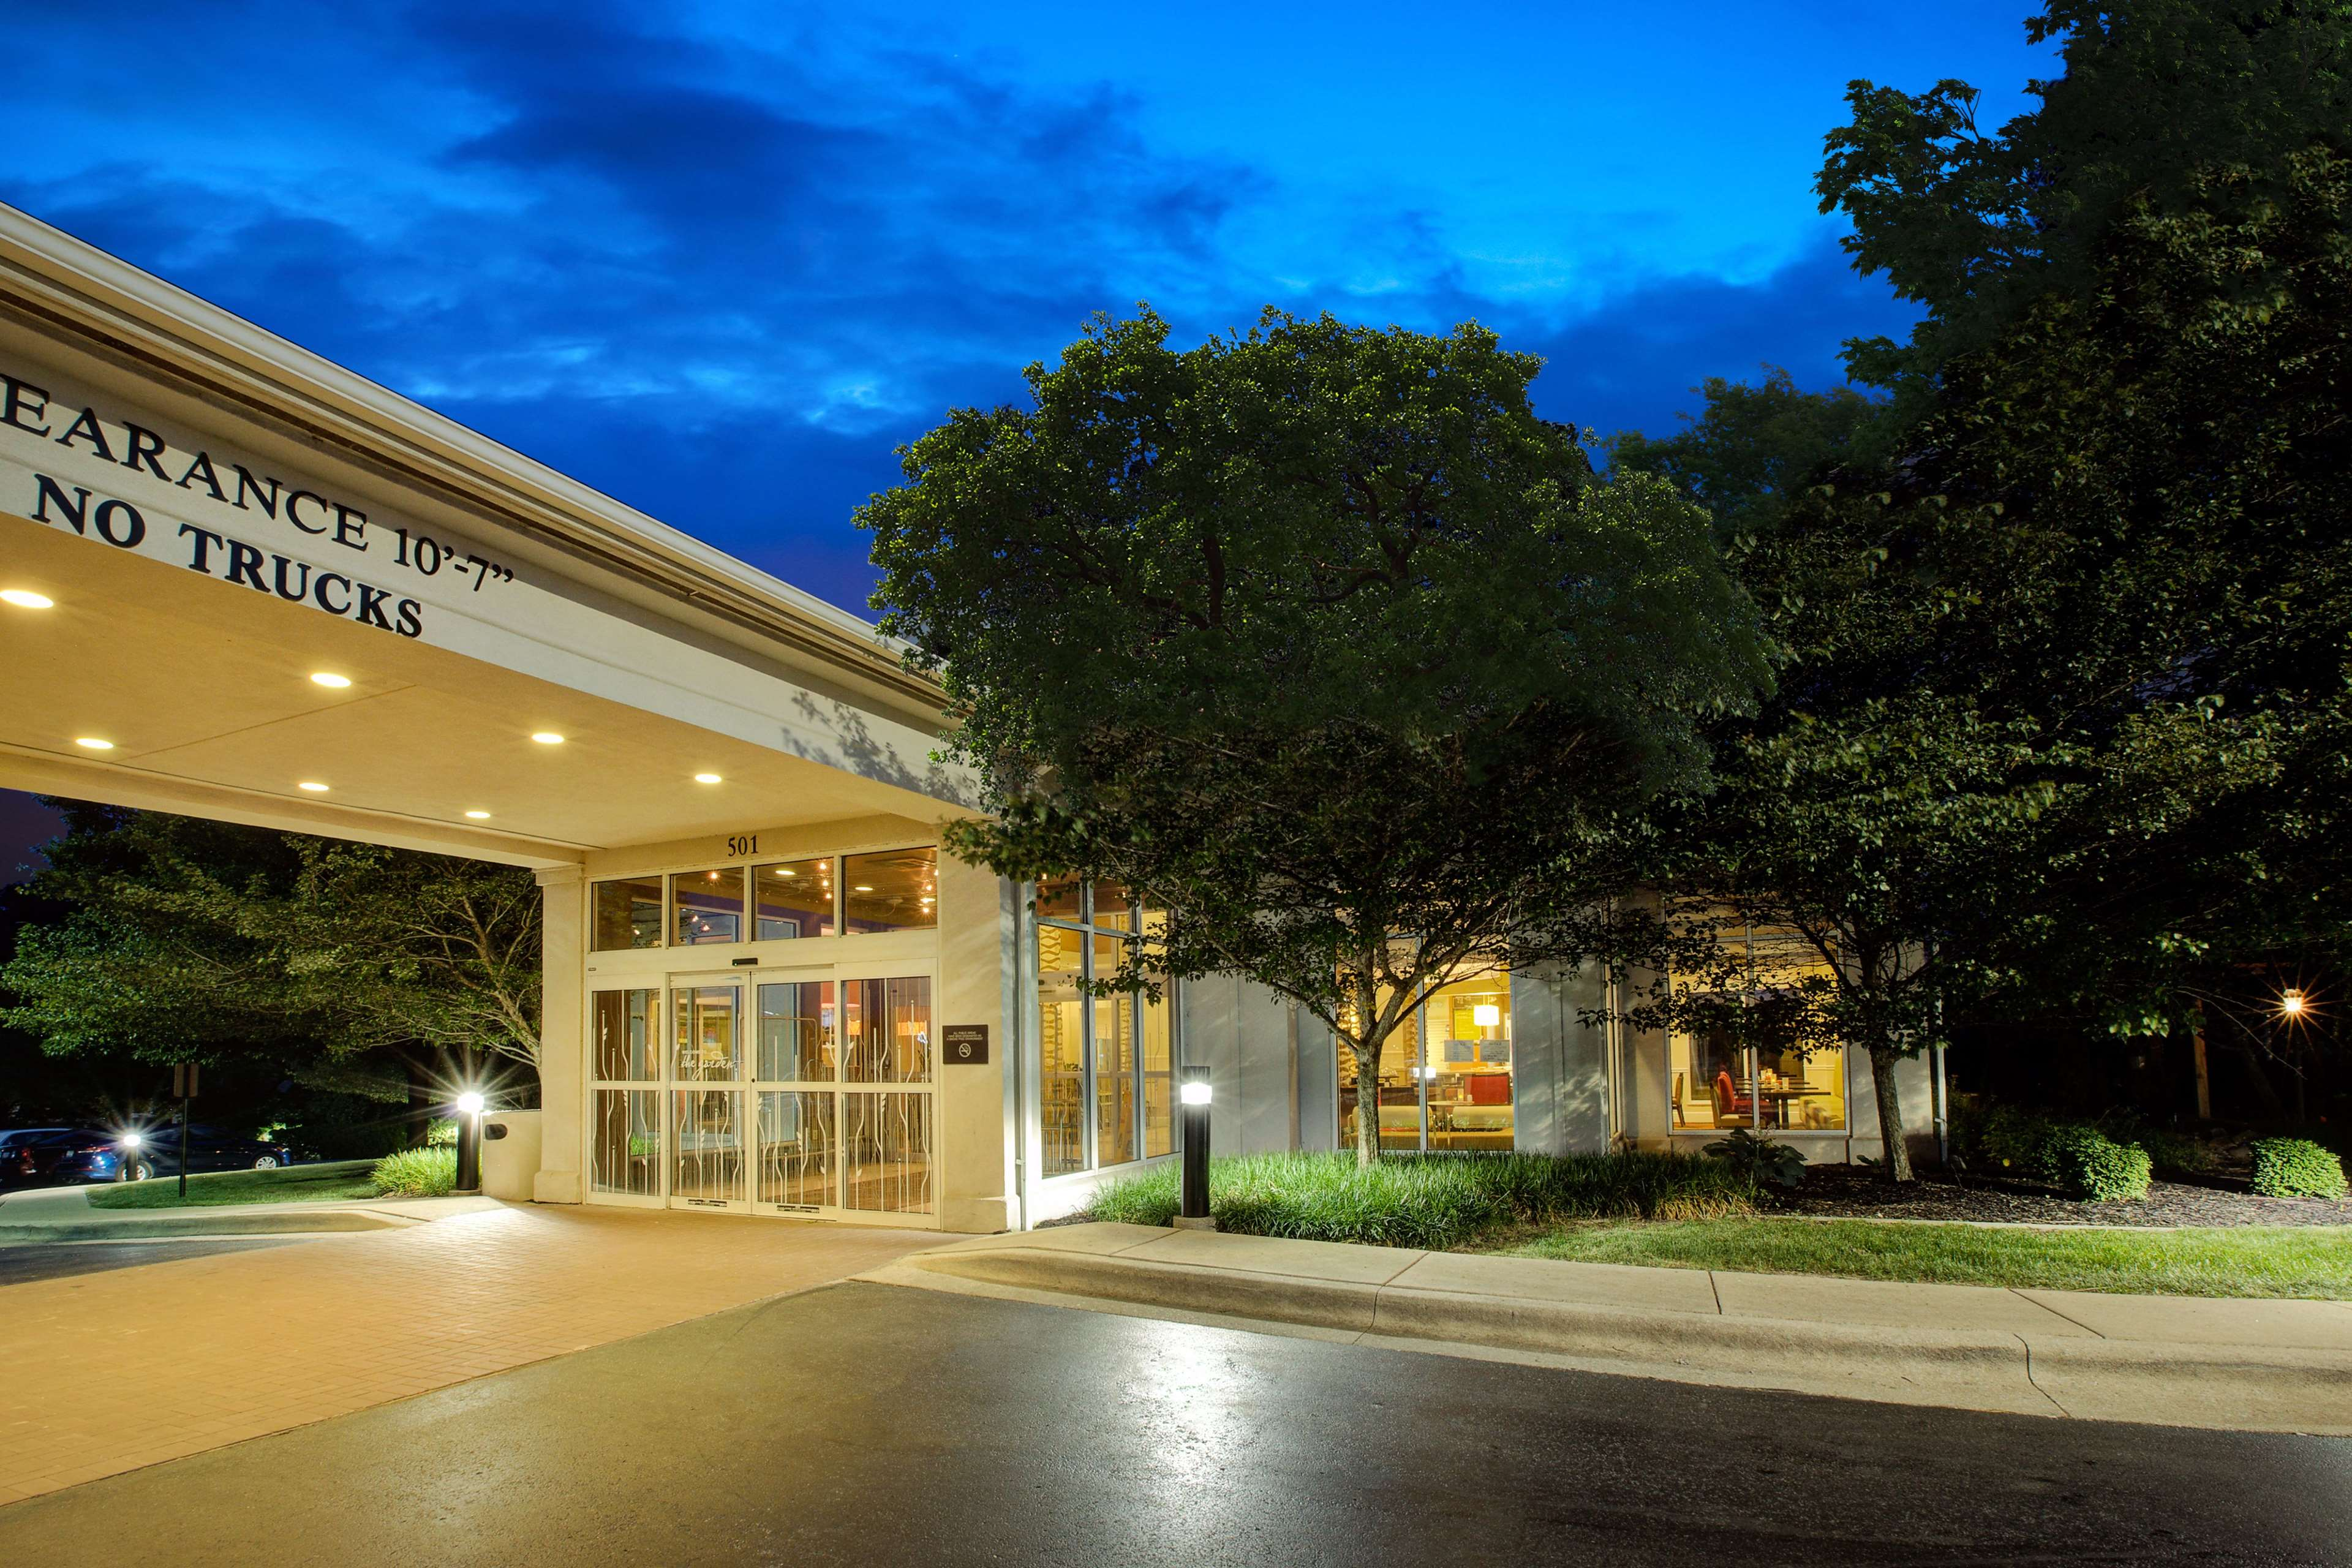 Hilton Garden Inn Chesterton image 1